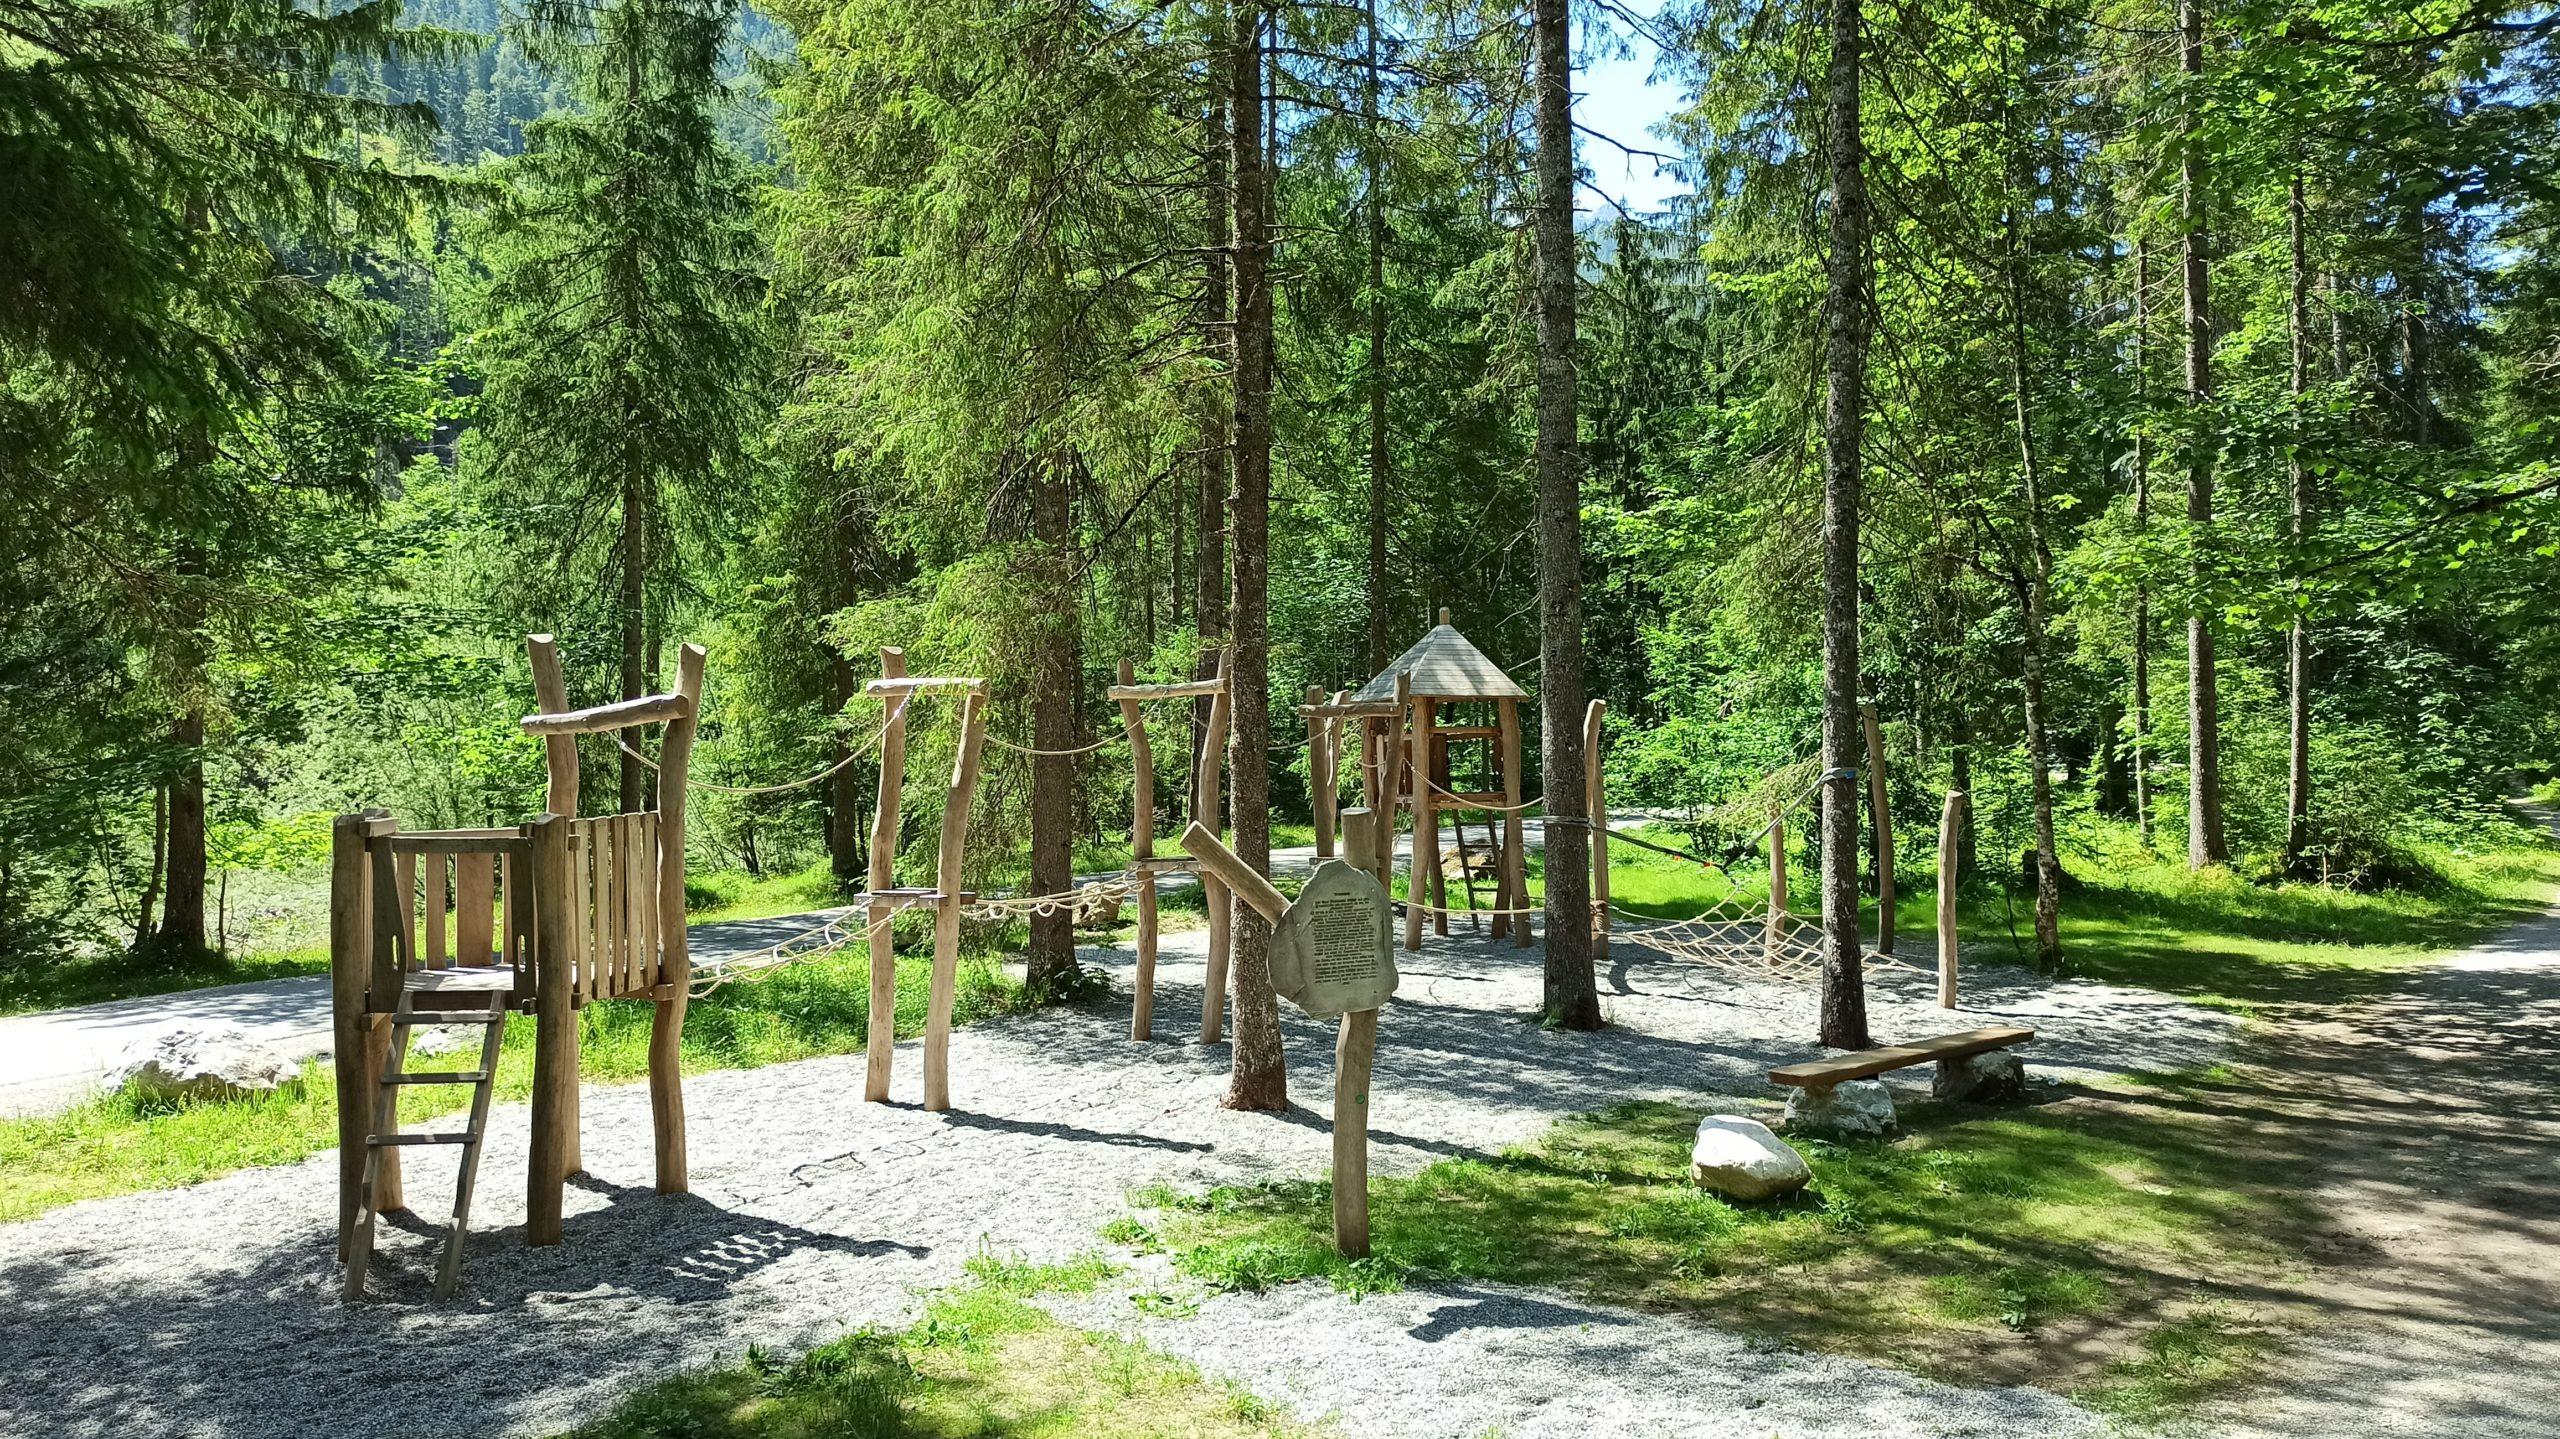 Der Hochseilgarten am Steinzeit-Erlebnisweg, eine Herausforderung an Geschicklichkeit und Balance